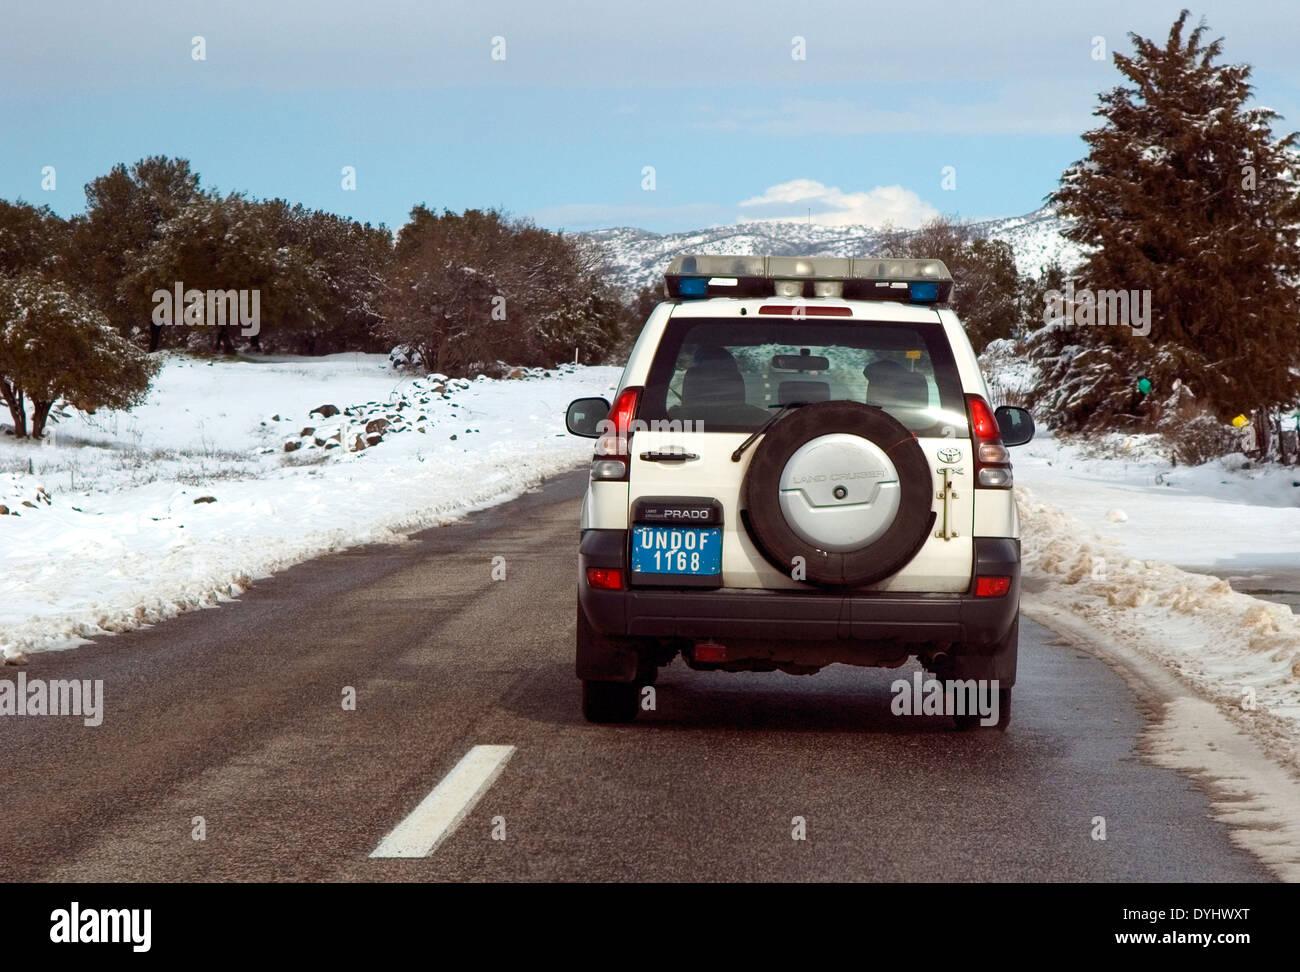 Vehículo de la ONU, las fuerzas de mantenimiento de la paz, las alturas del Golán, Israel Imagen De Stock